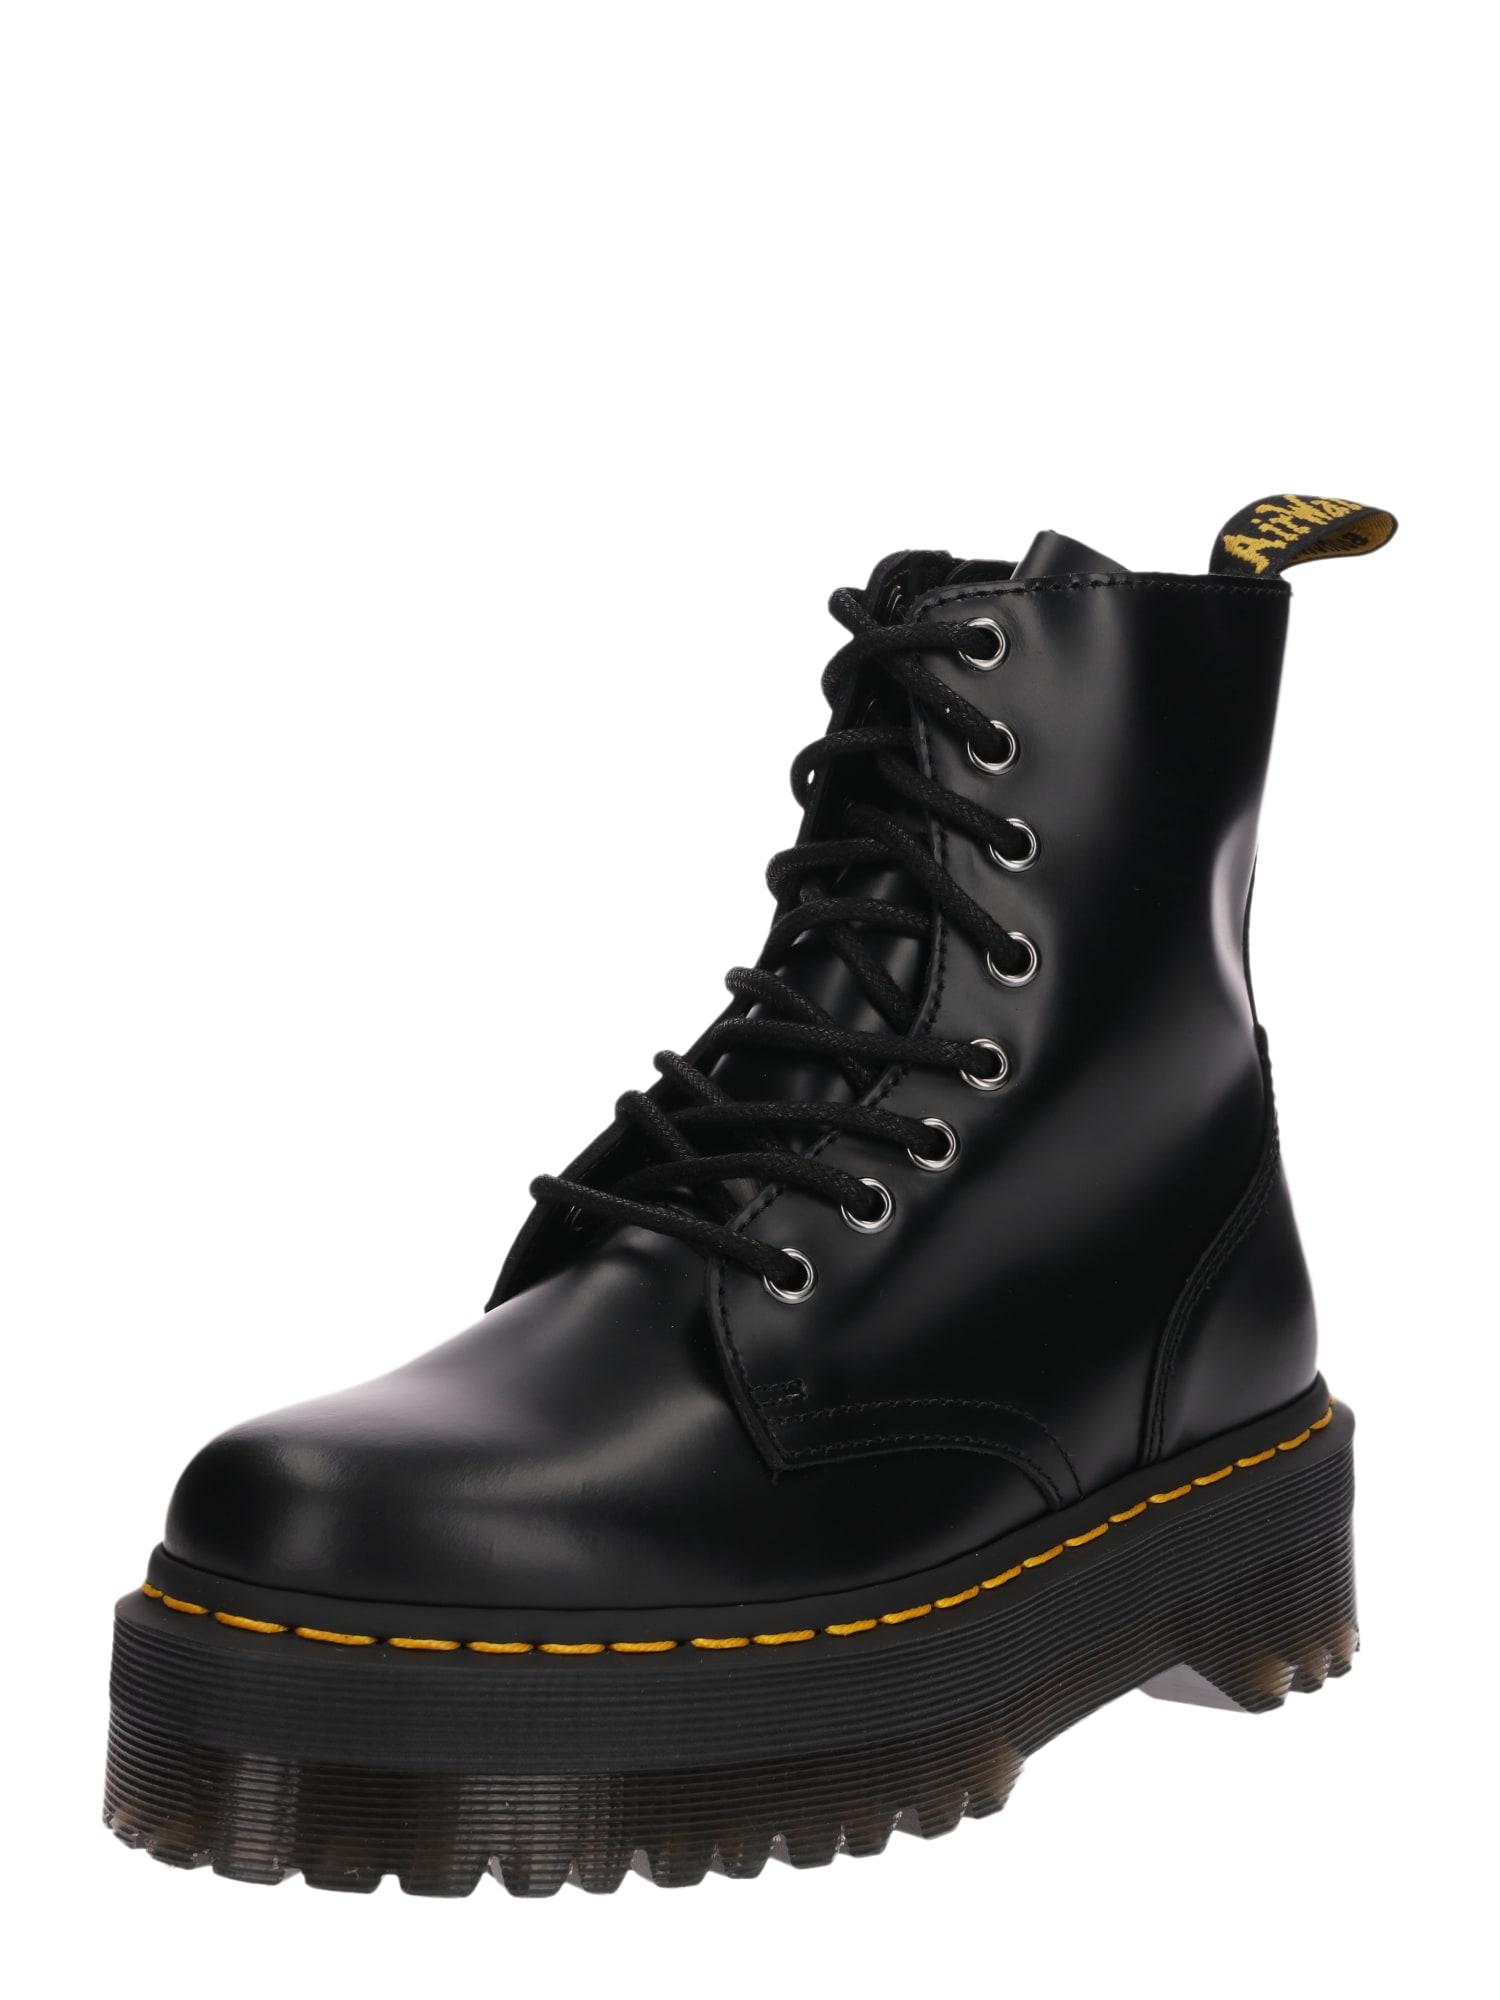 Šněrovací boty Jadon černá Dr. Martens